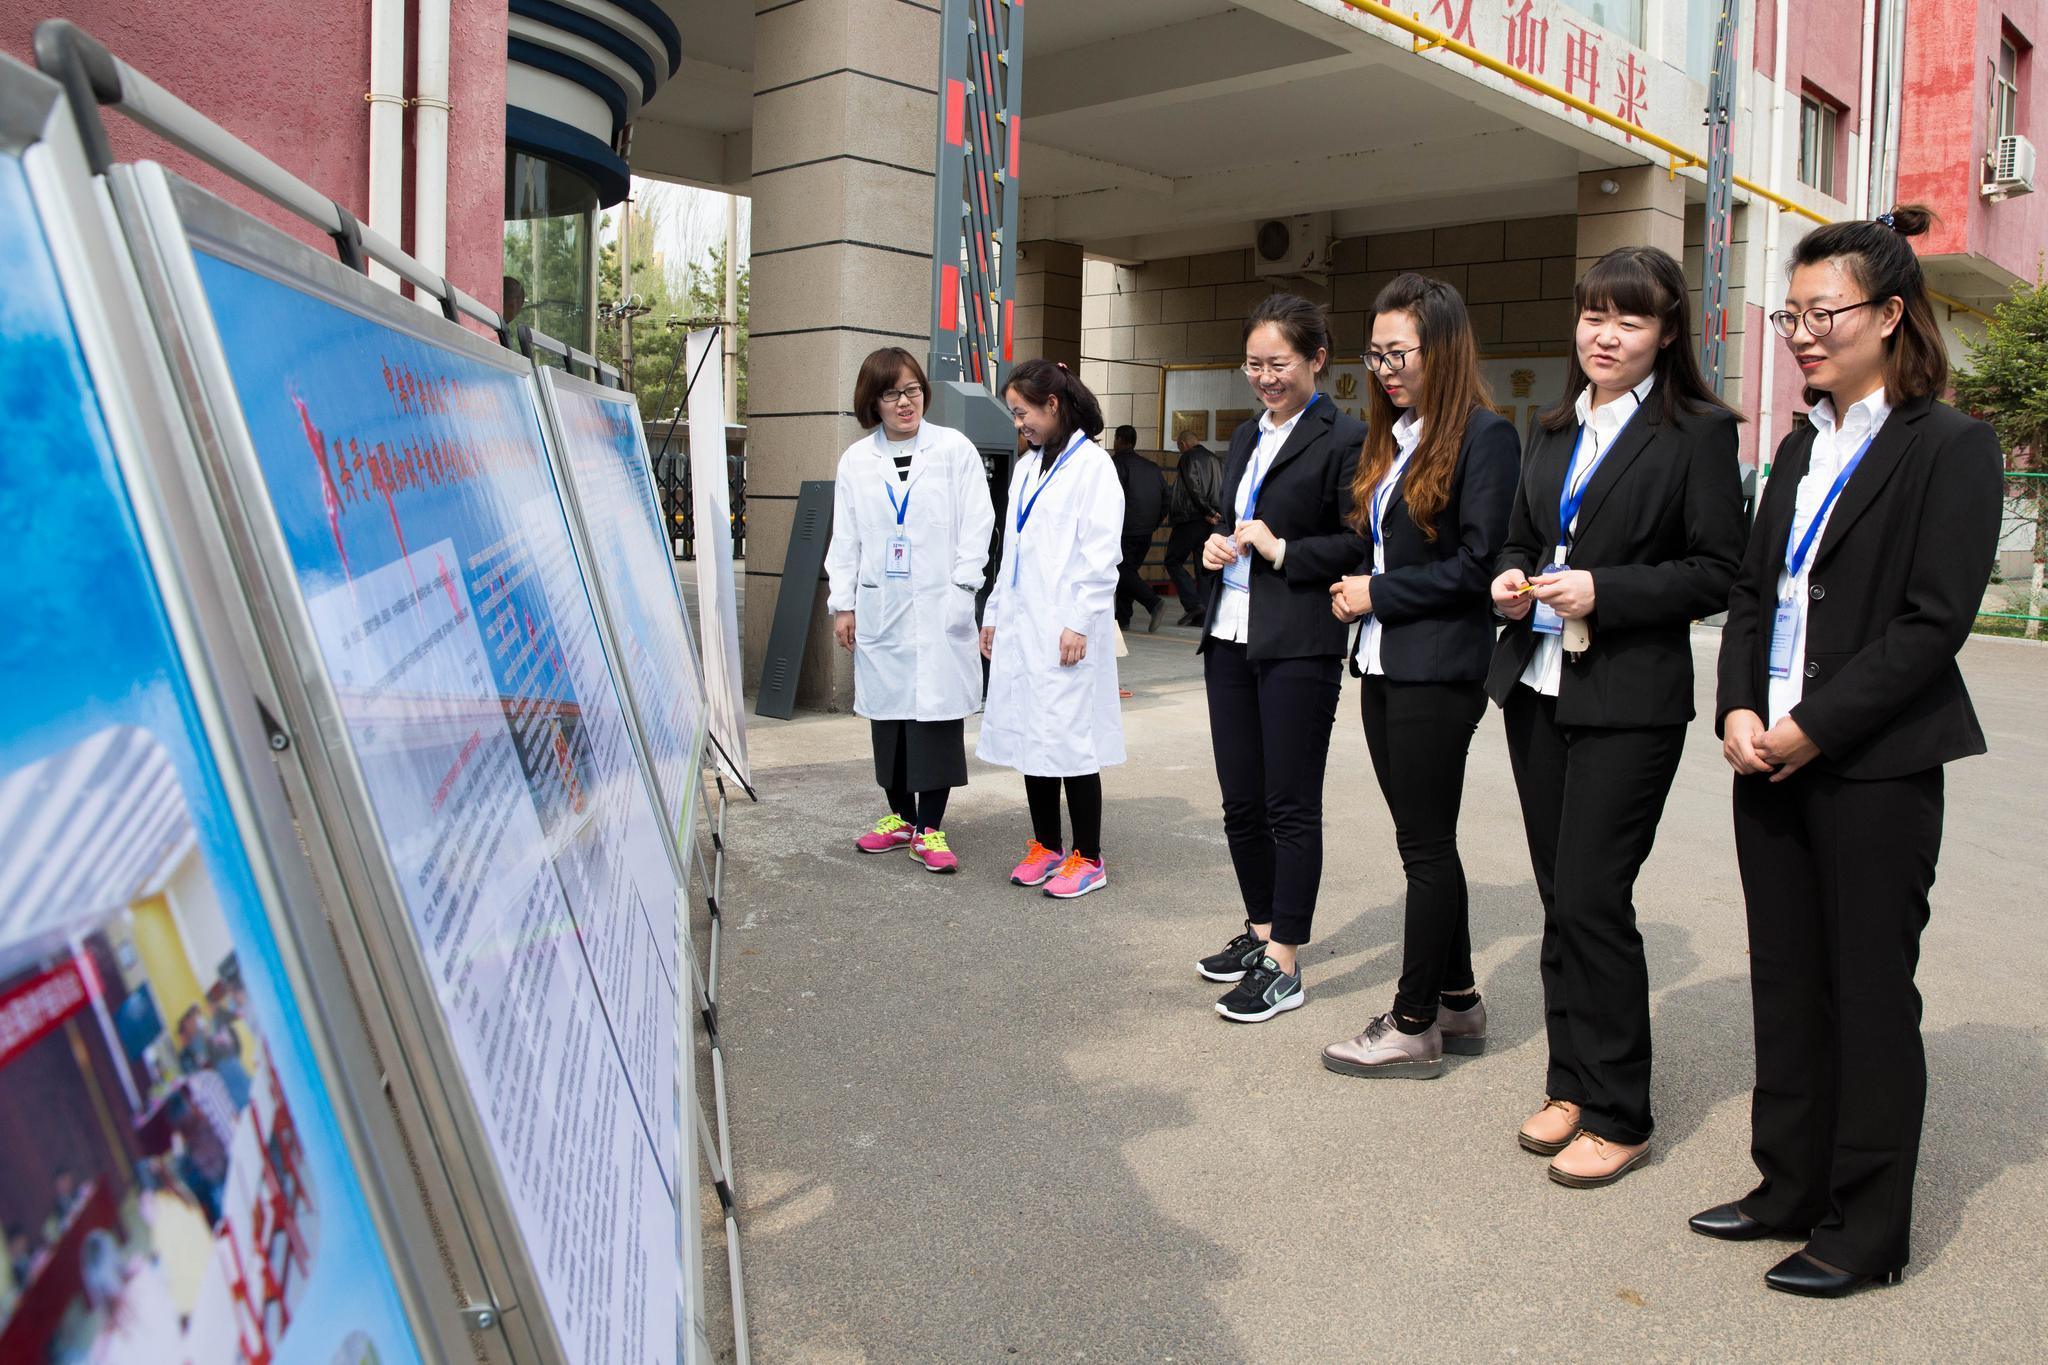 内蒙古高院知识产权审判庭与内蒙古世纪呼白酒业有限公司召开座谈会